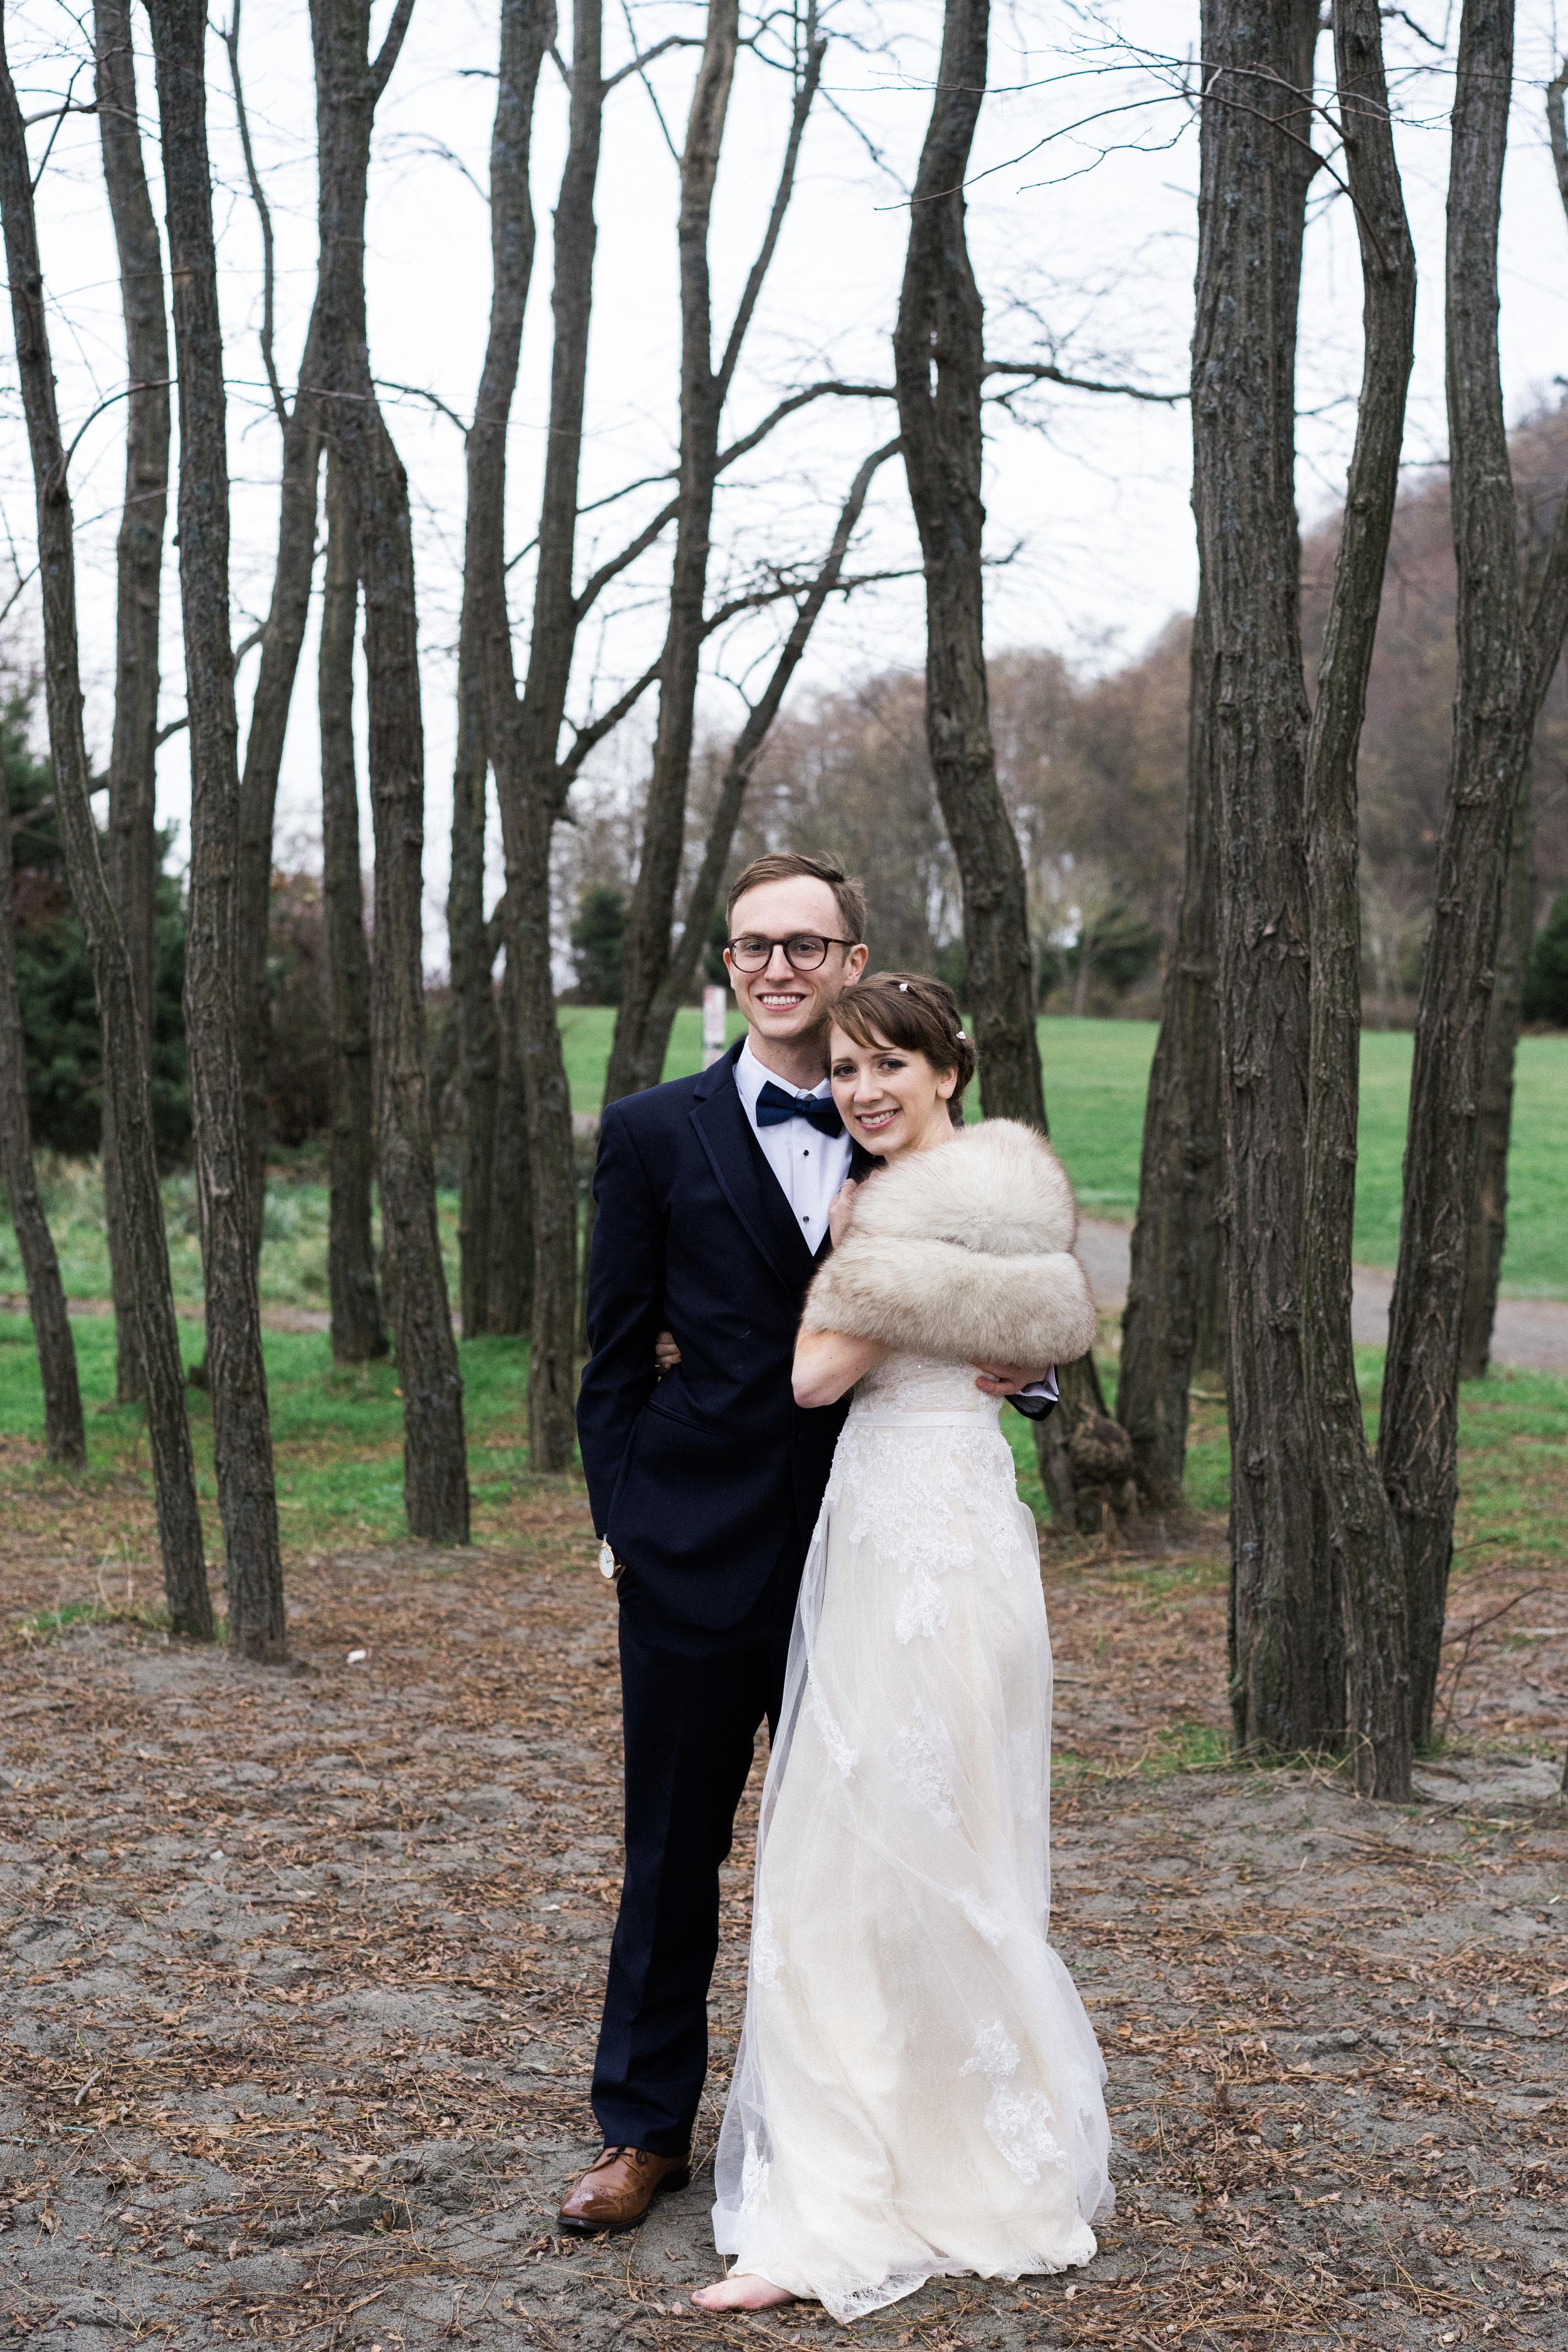 Ben_and_Casey_Krein_Wedding-79.jpg